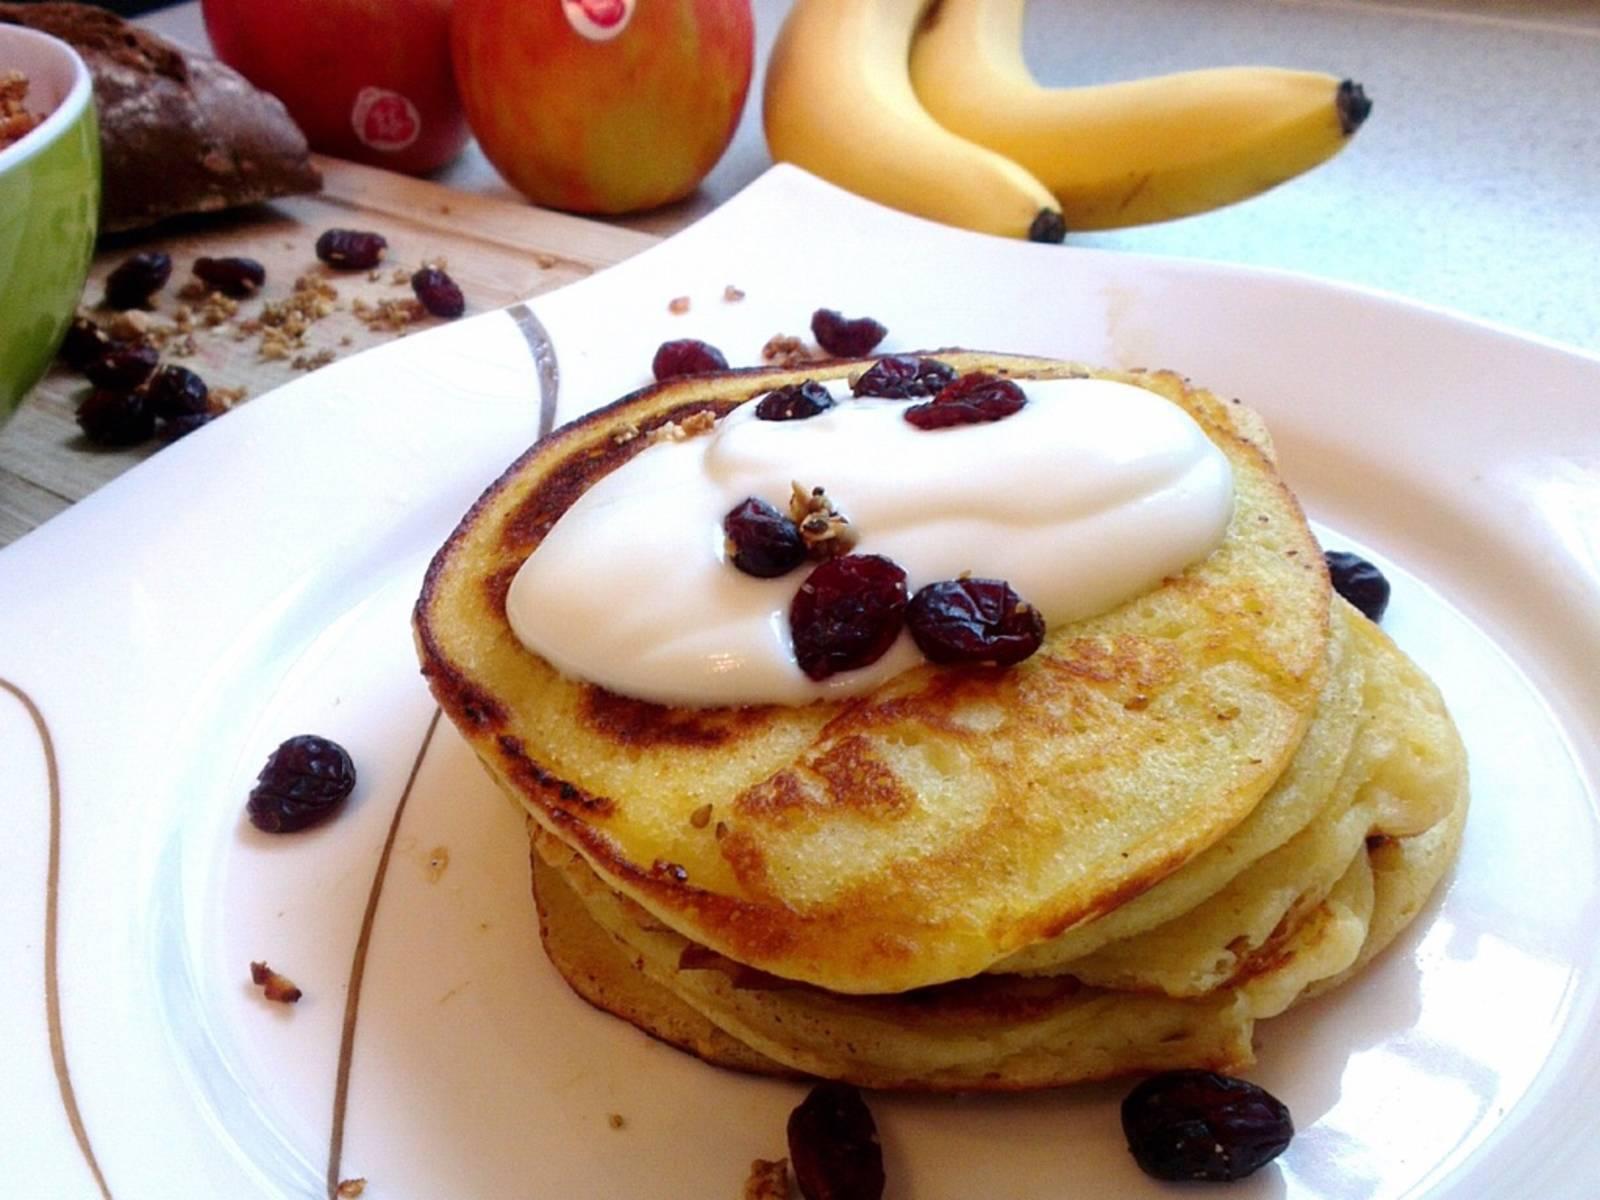 Die Pancakes schmecken auch lecker mit Joghurt und Cranberrys oder mit Schokoladensoße und Äpfeln.